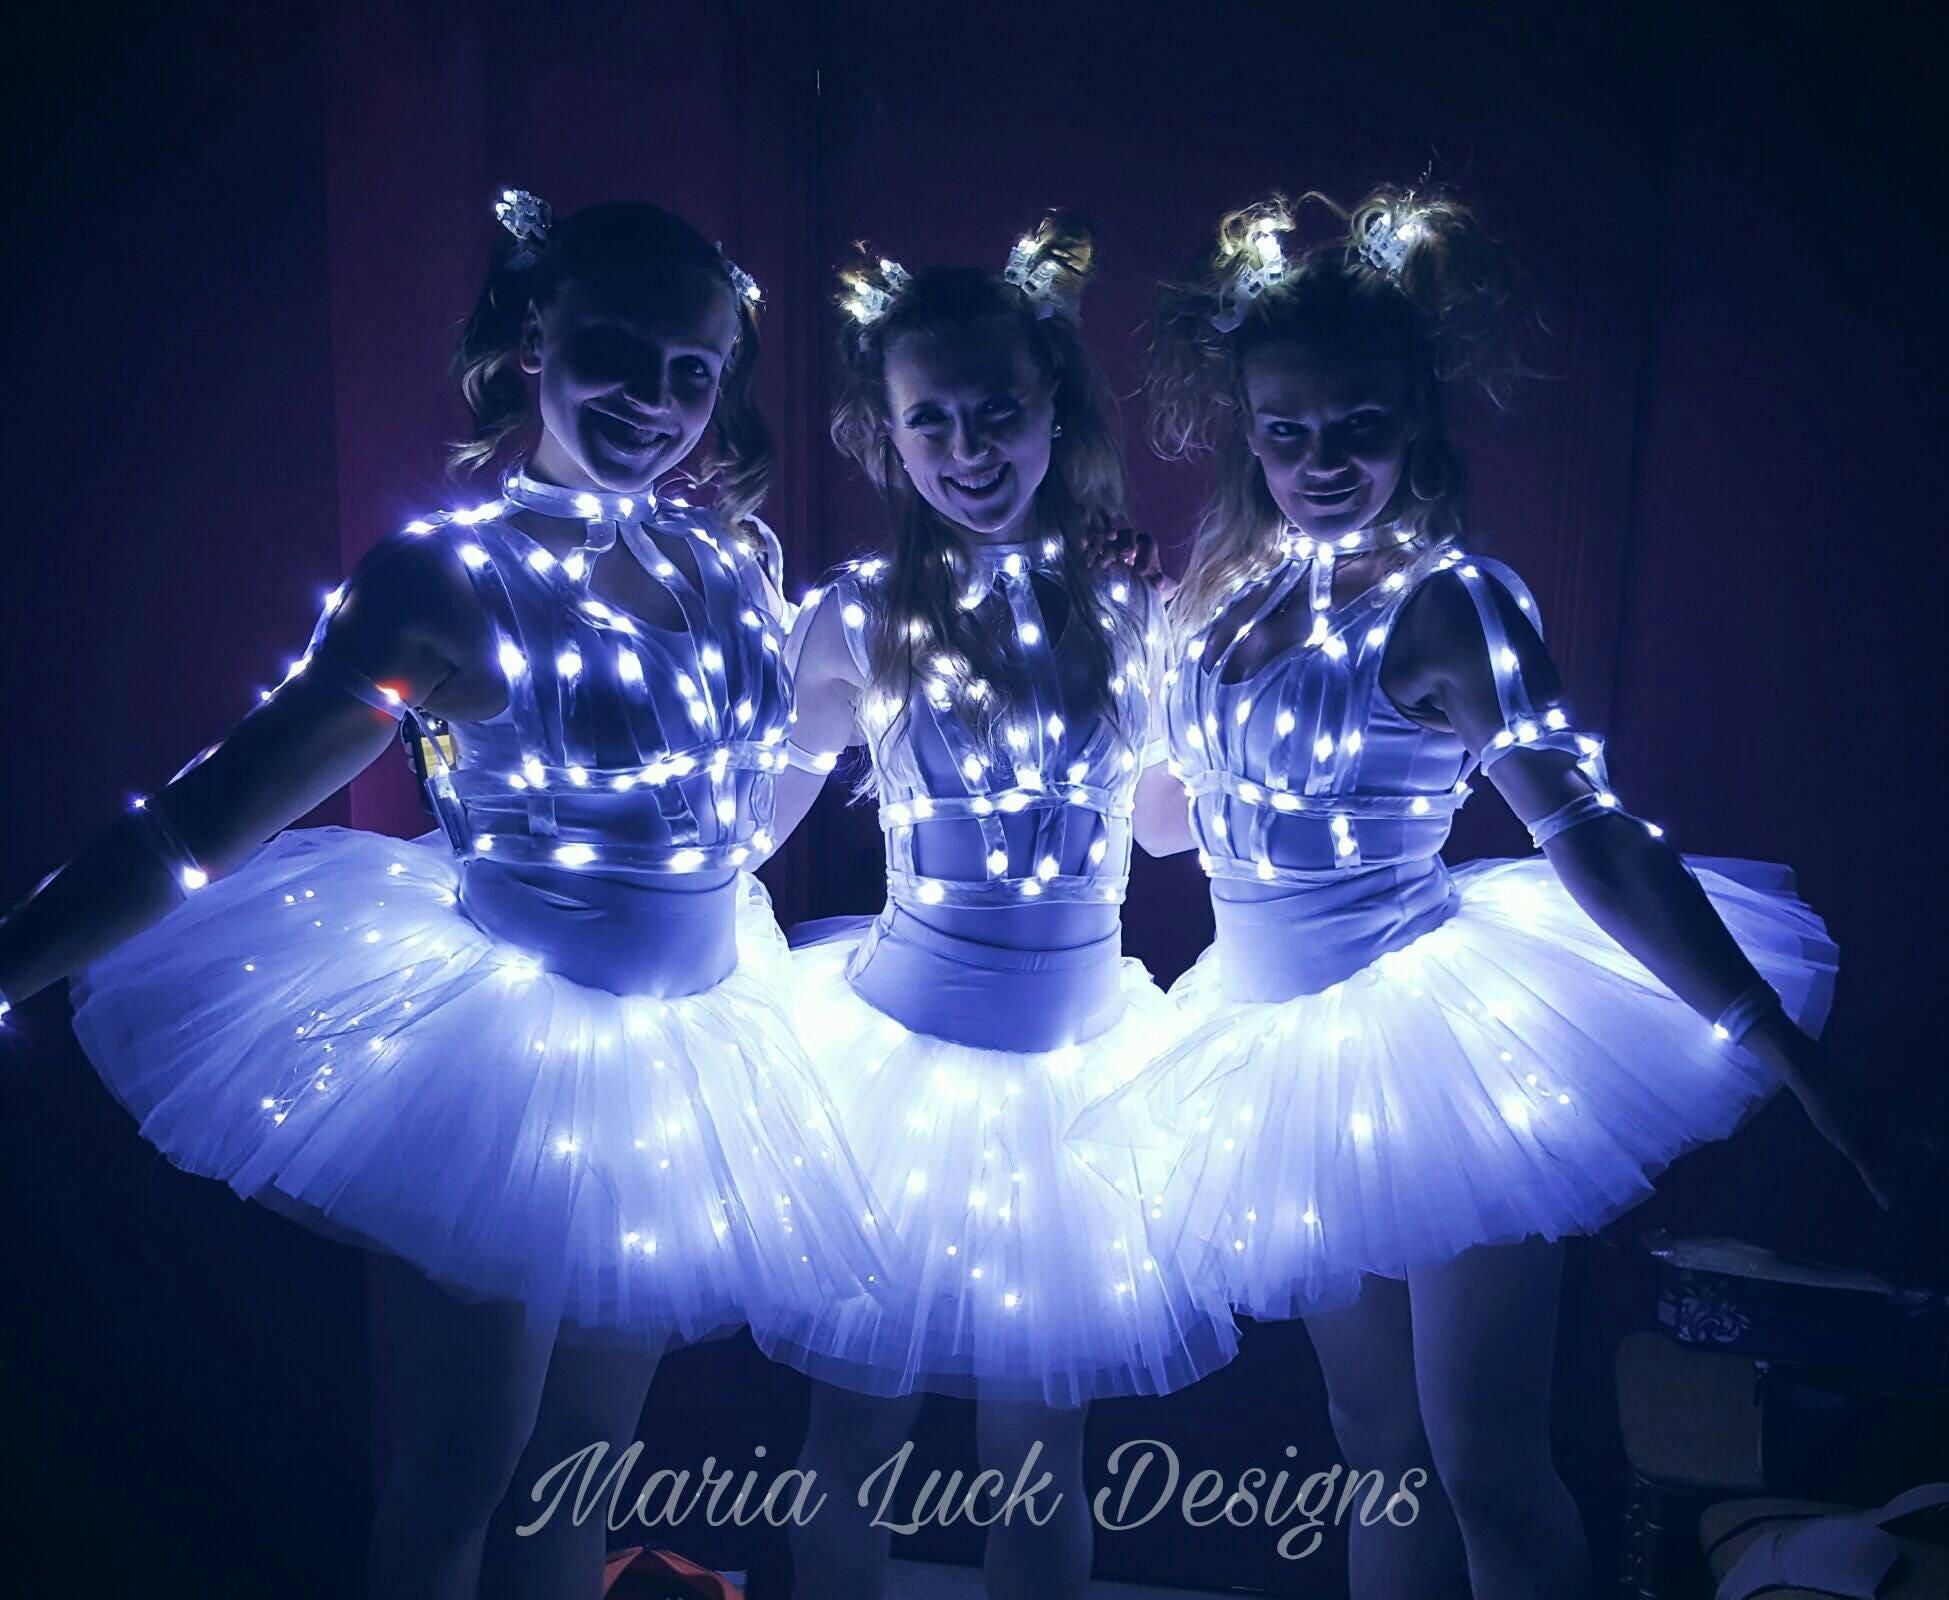 Weiße LED Ballerina Tutu Rock Licht leuchten im dunklen